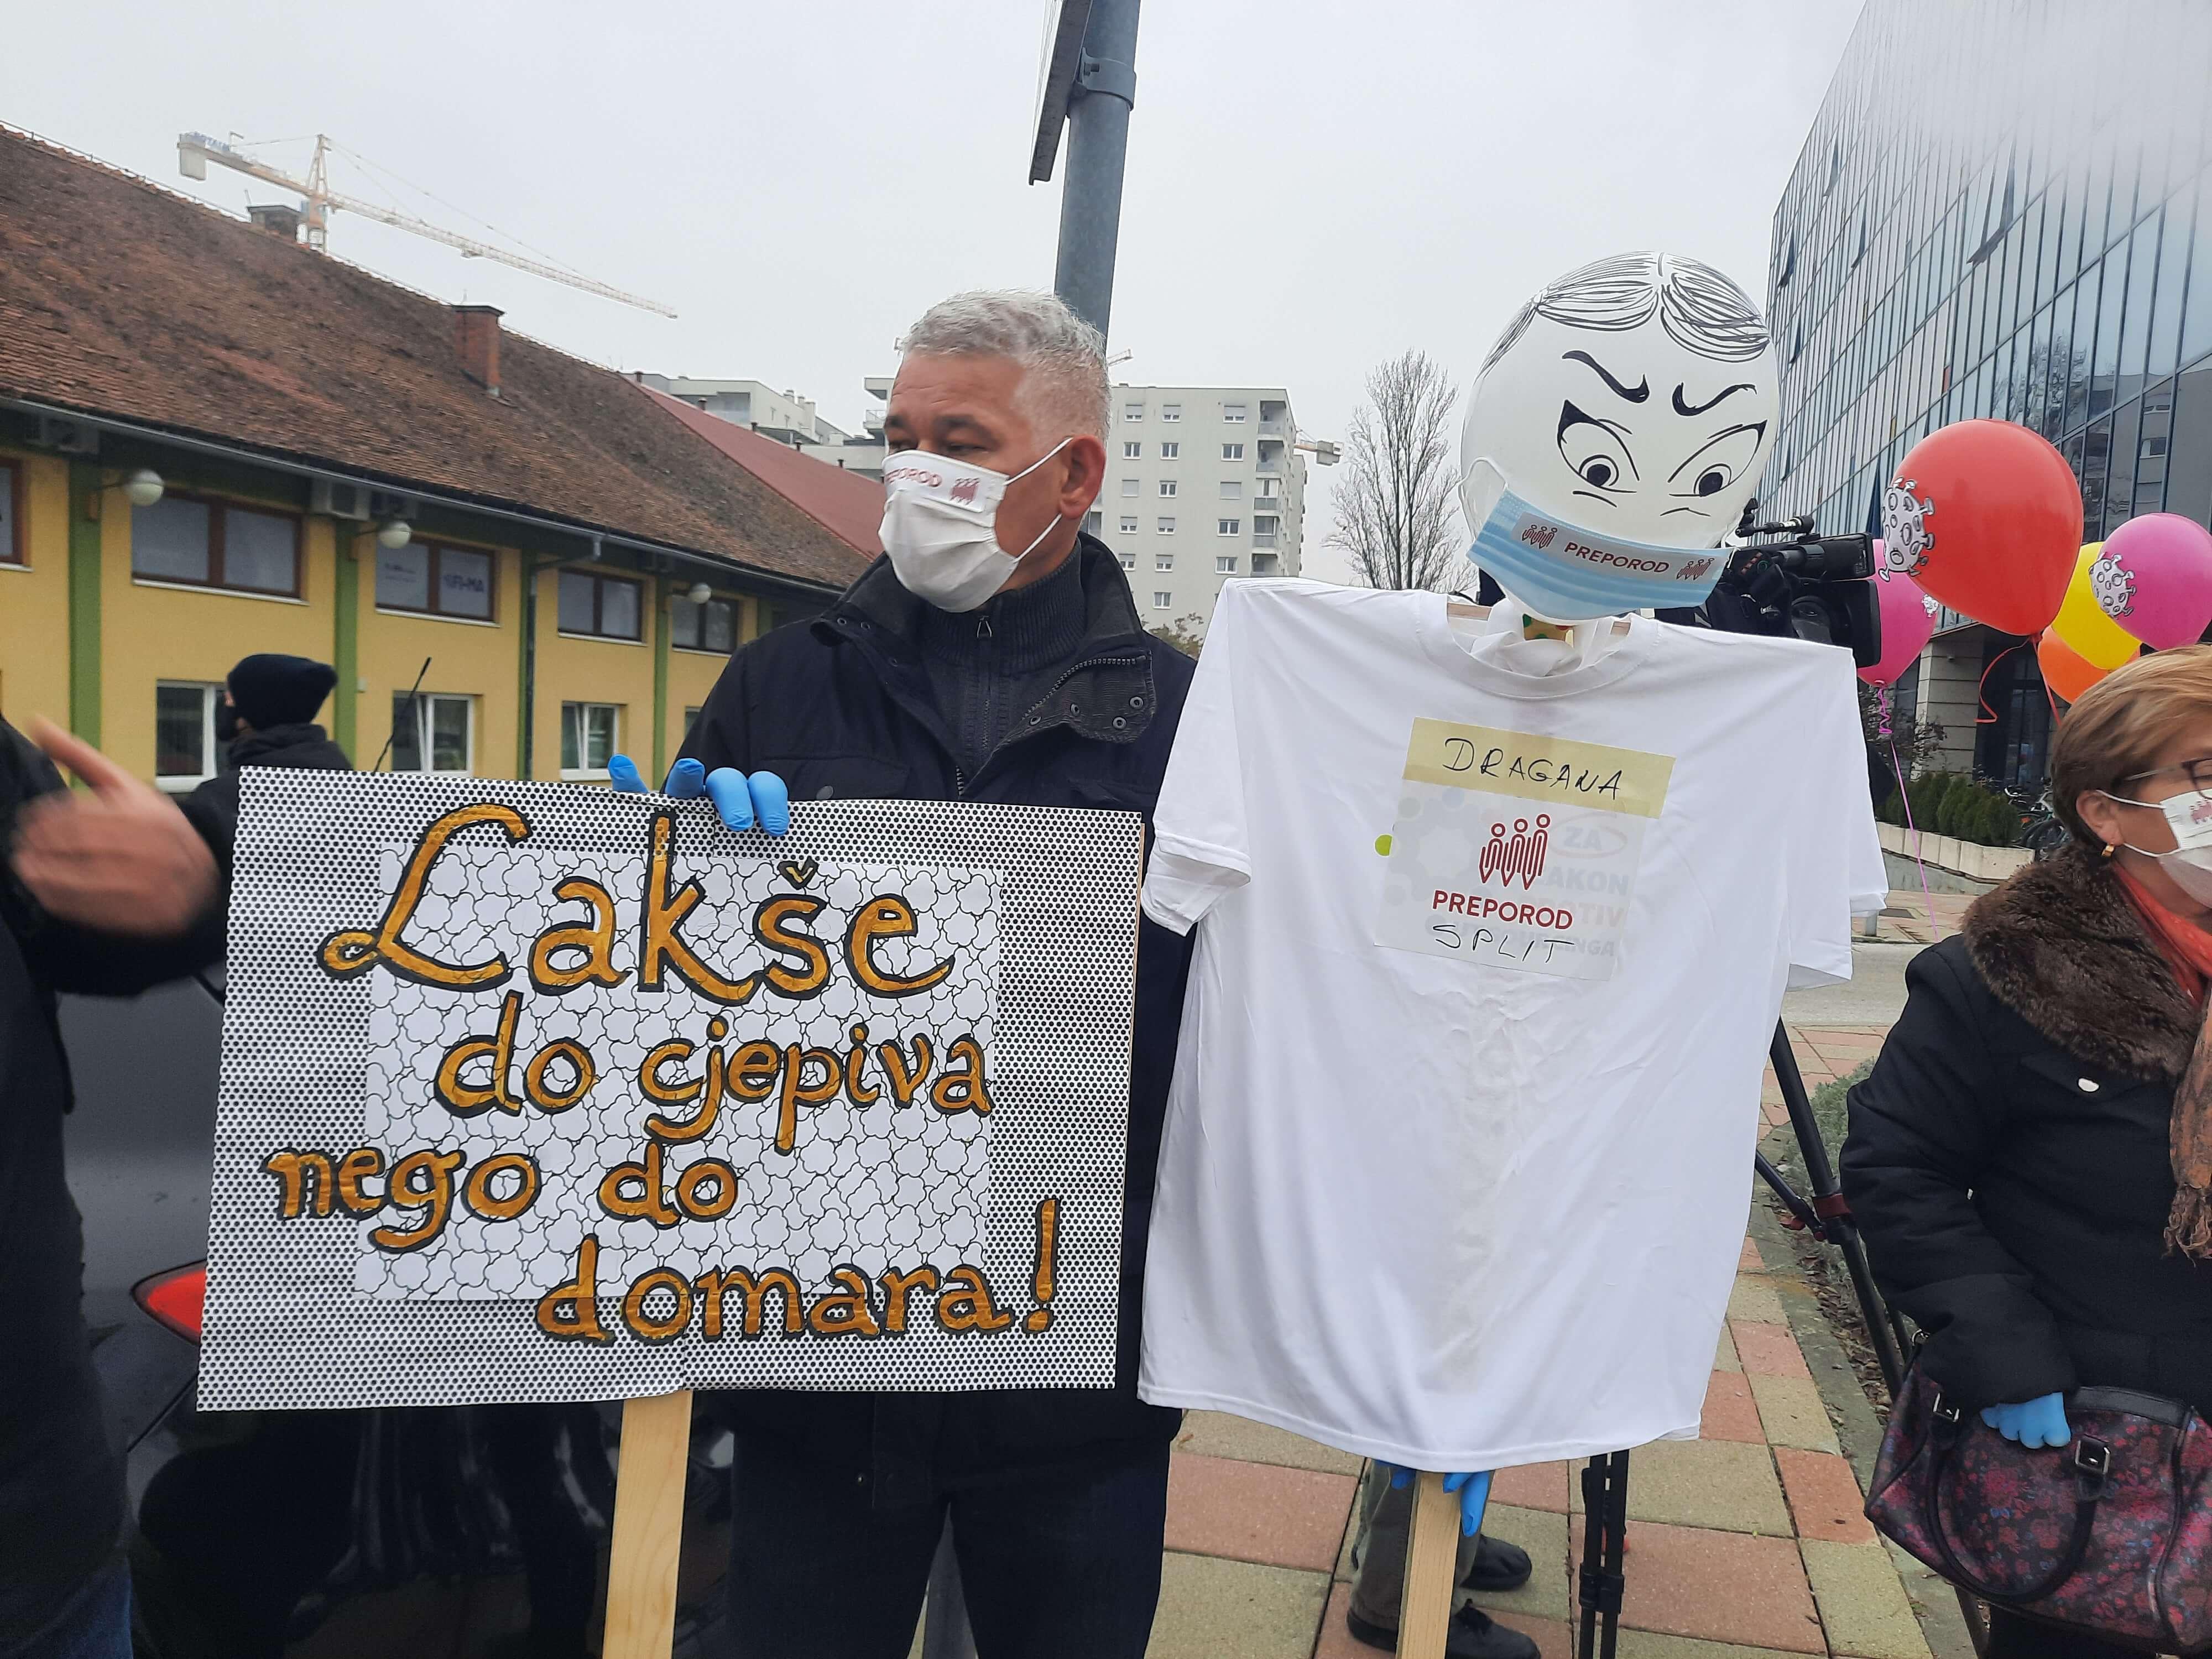 Sindikat Preporod ispred Ministarstva: Govore nam da sada nije pravi trenutak za prosvjed, ali kad je?